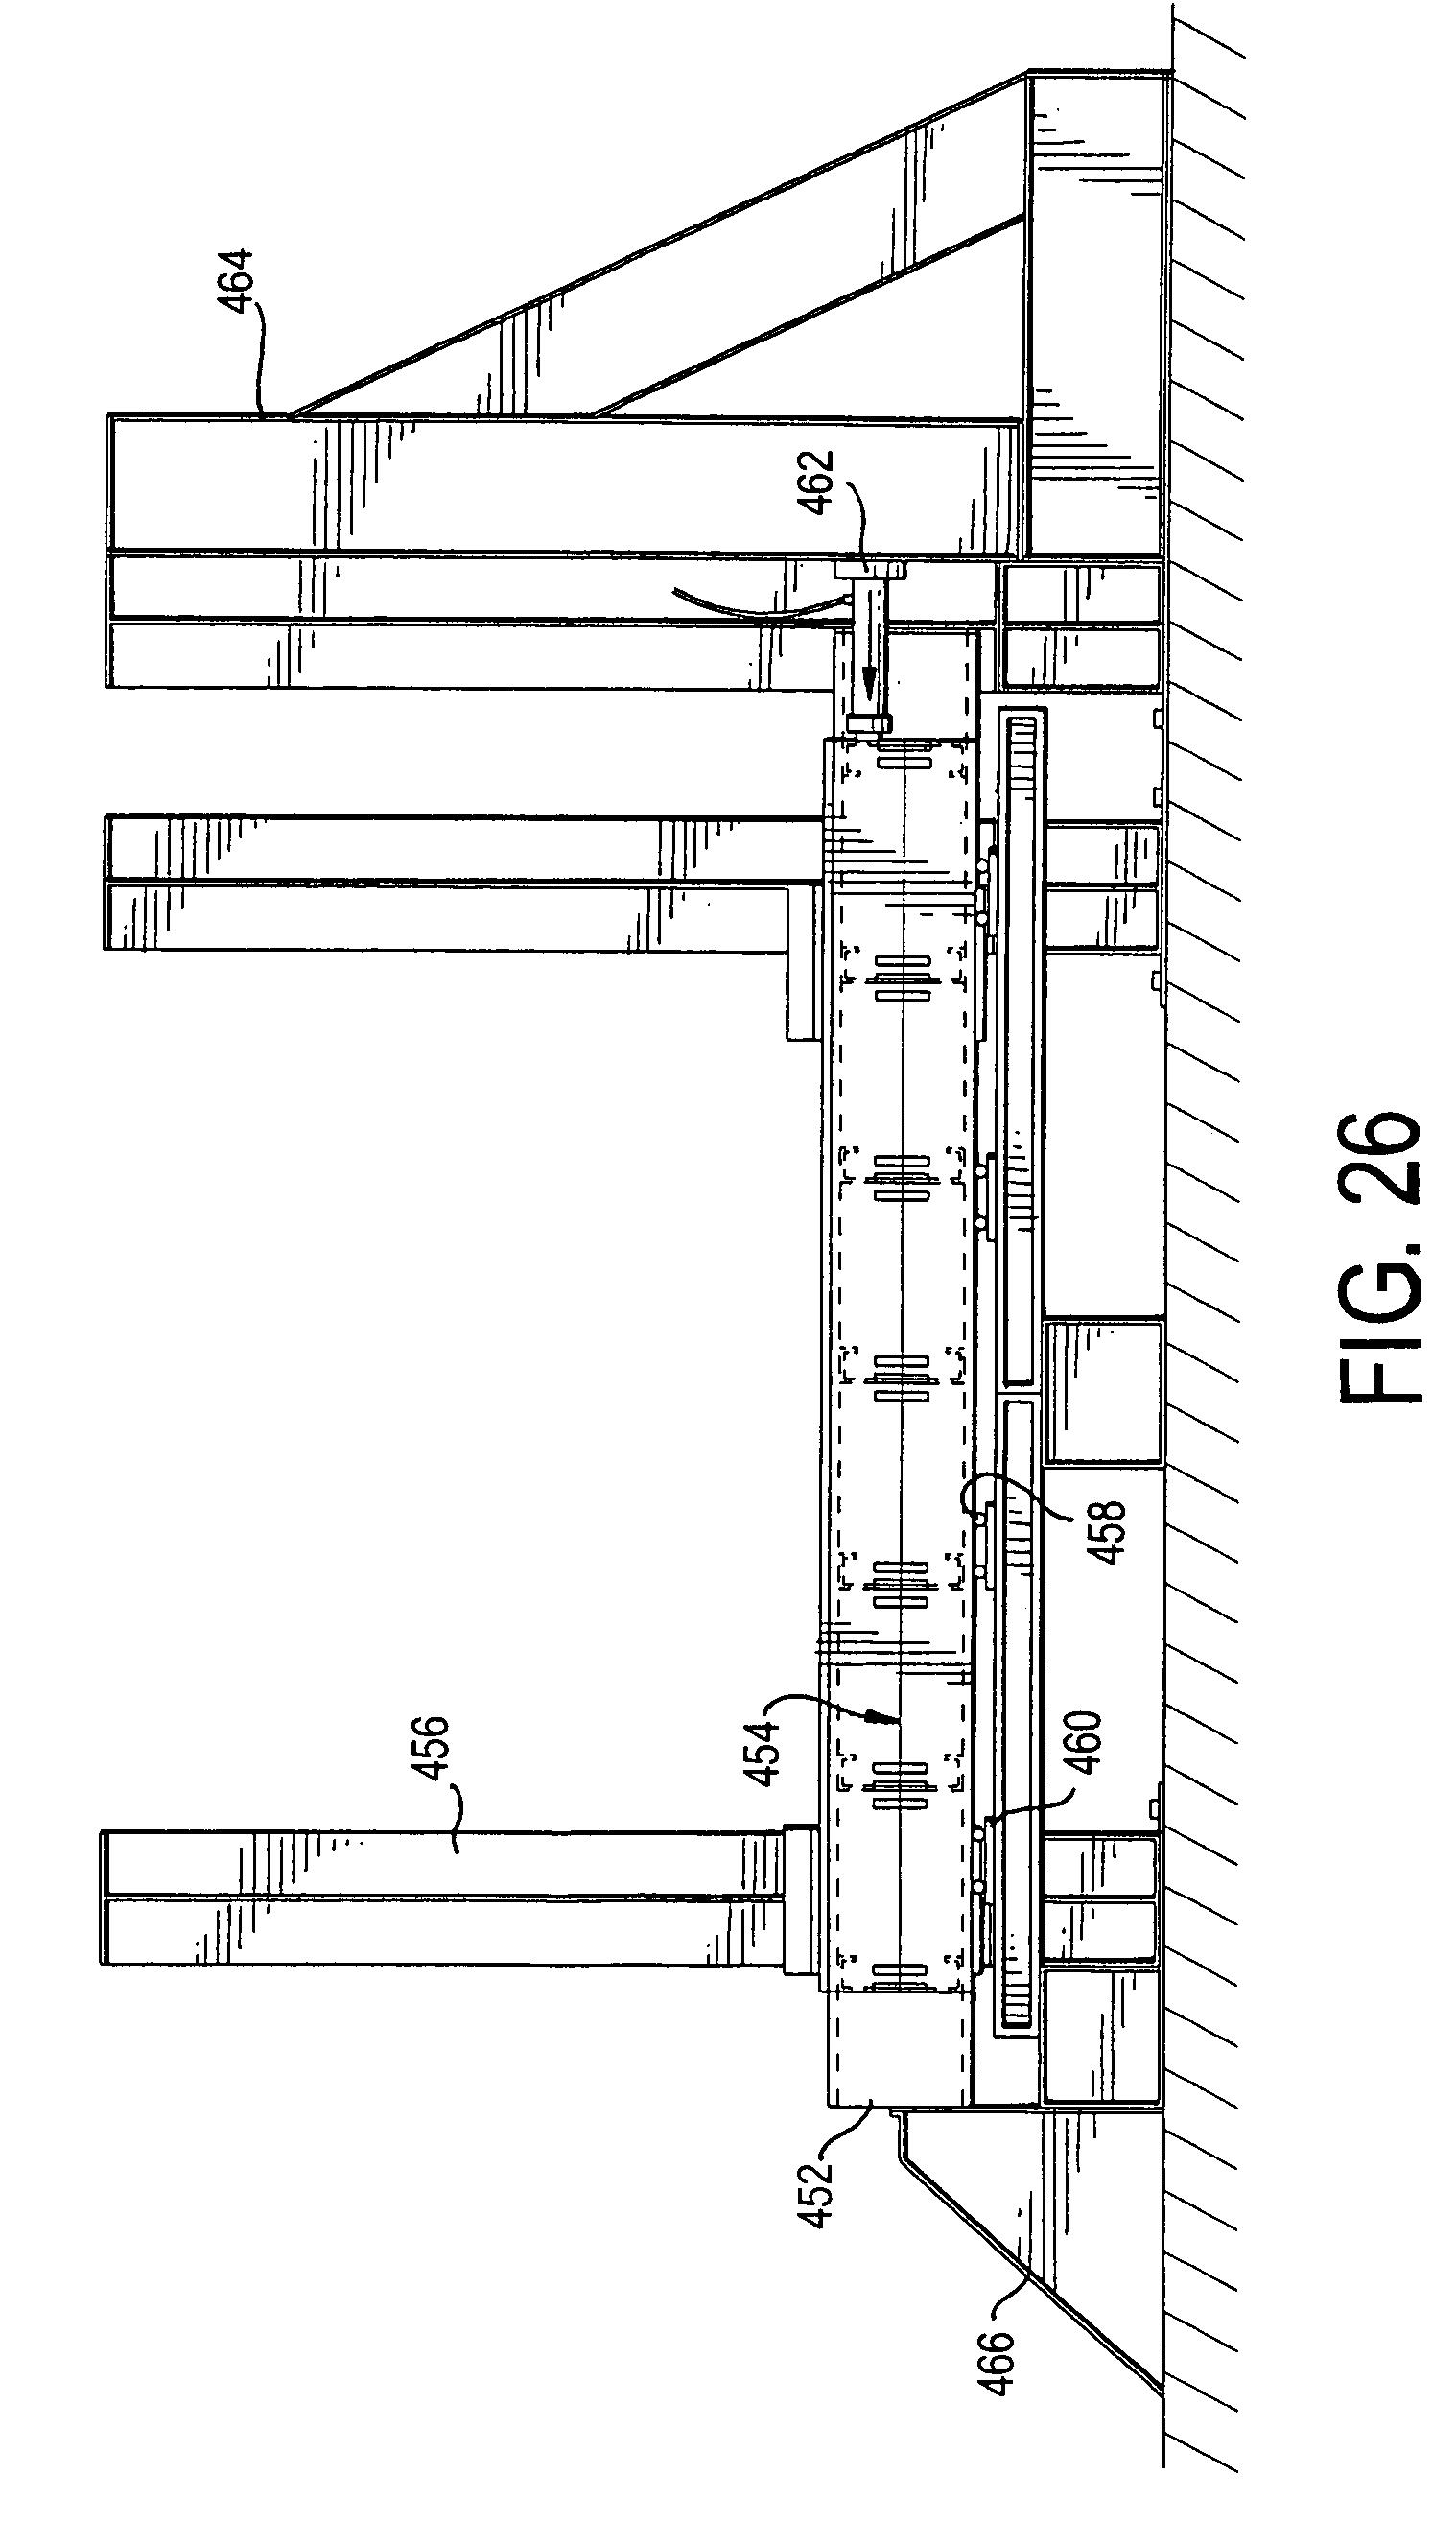 patent us7849650